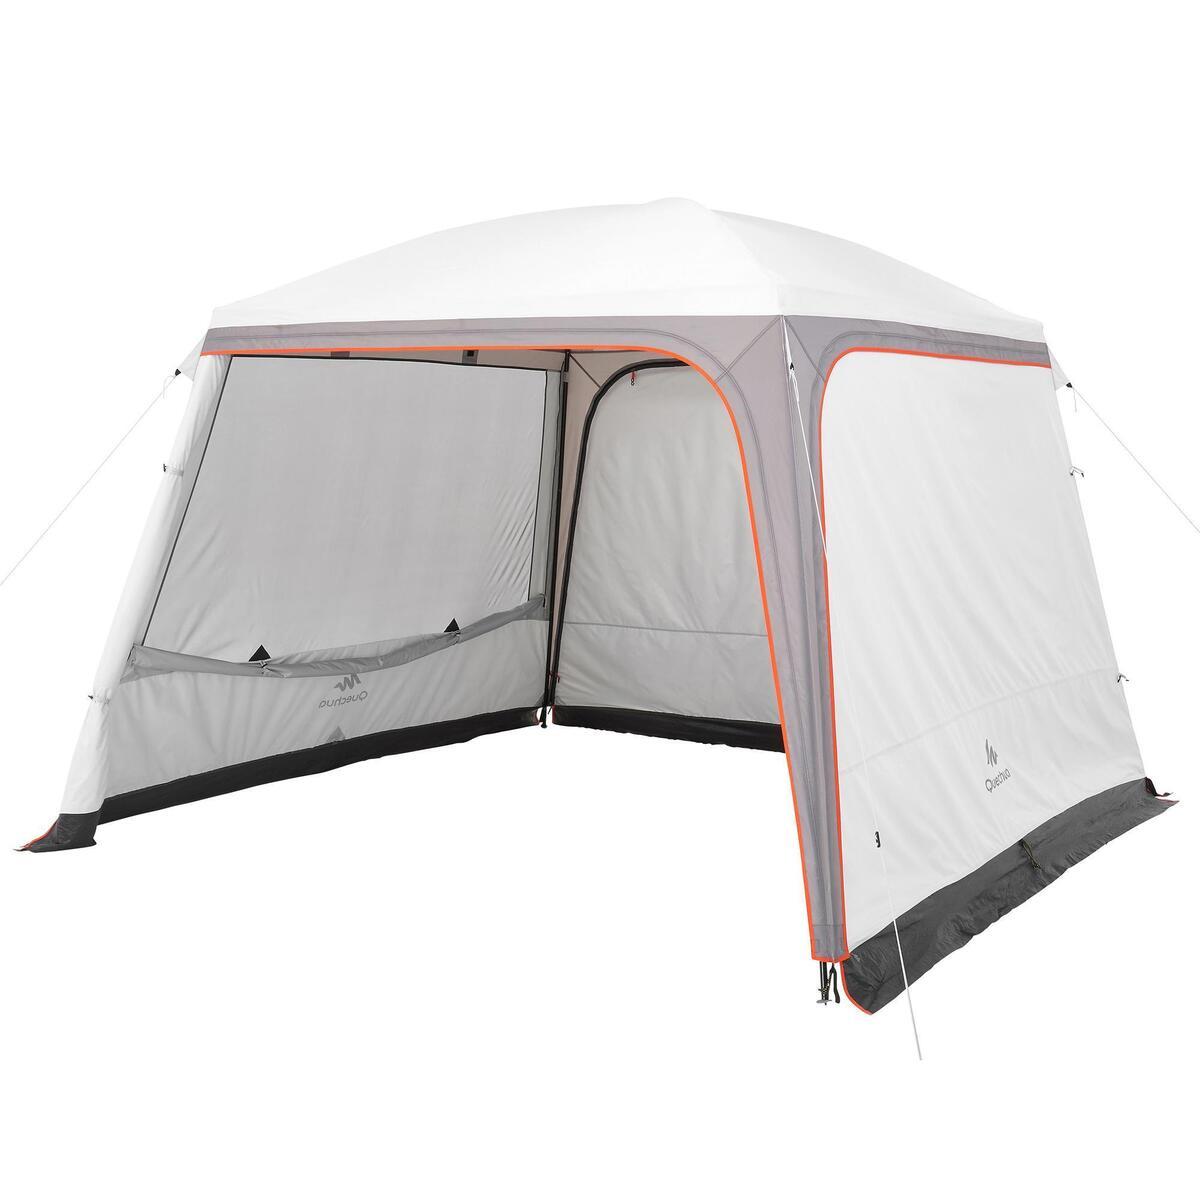 Bild 1 von Pavillon Arpenaz 3 נ3 m mit Türen 10 Personen Camping LSF 50+ Fresh&Black weiß